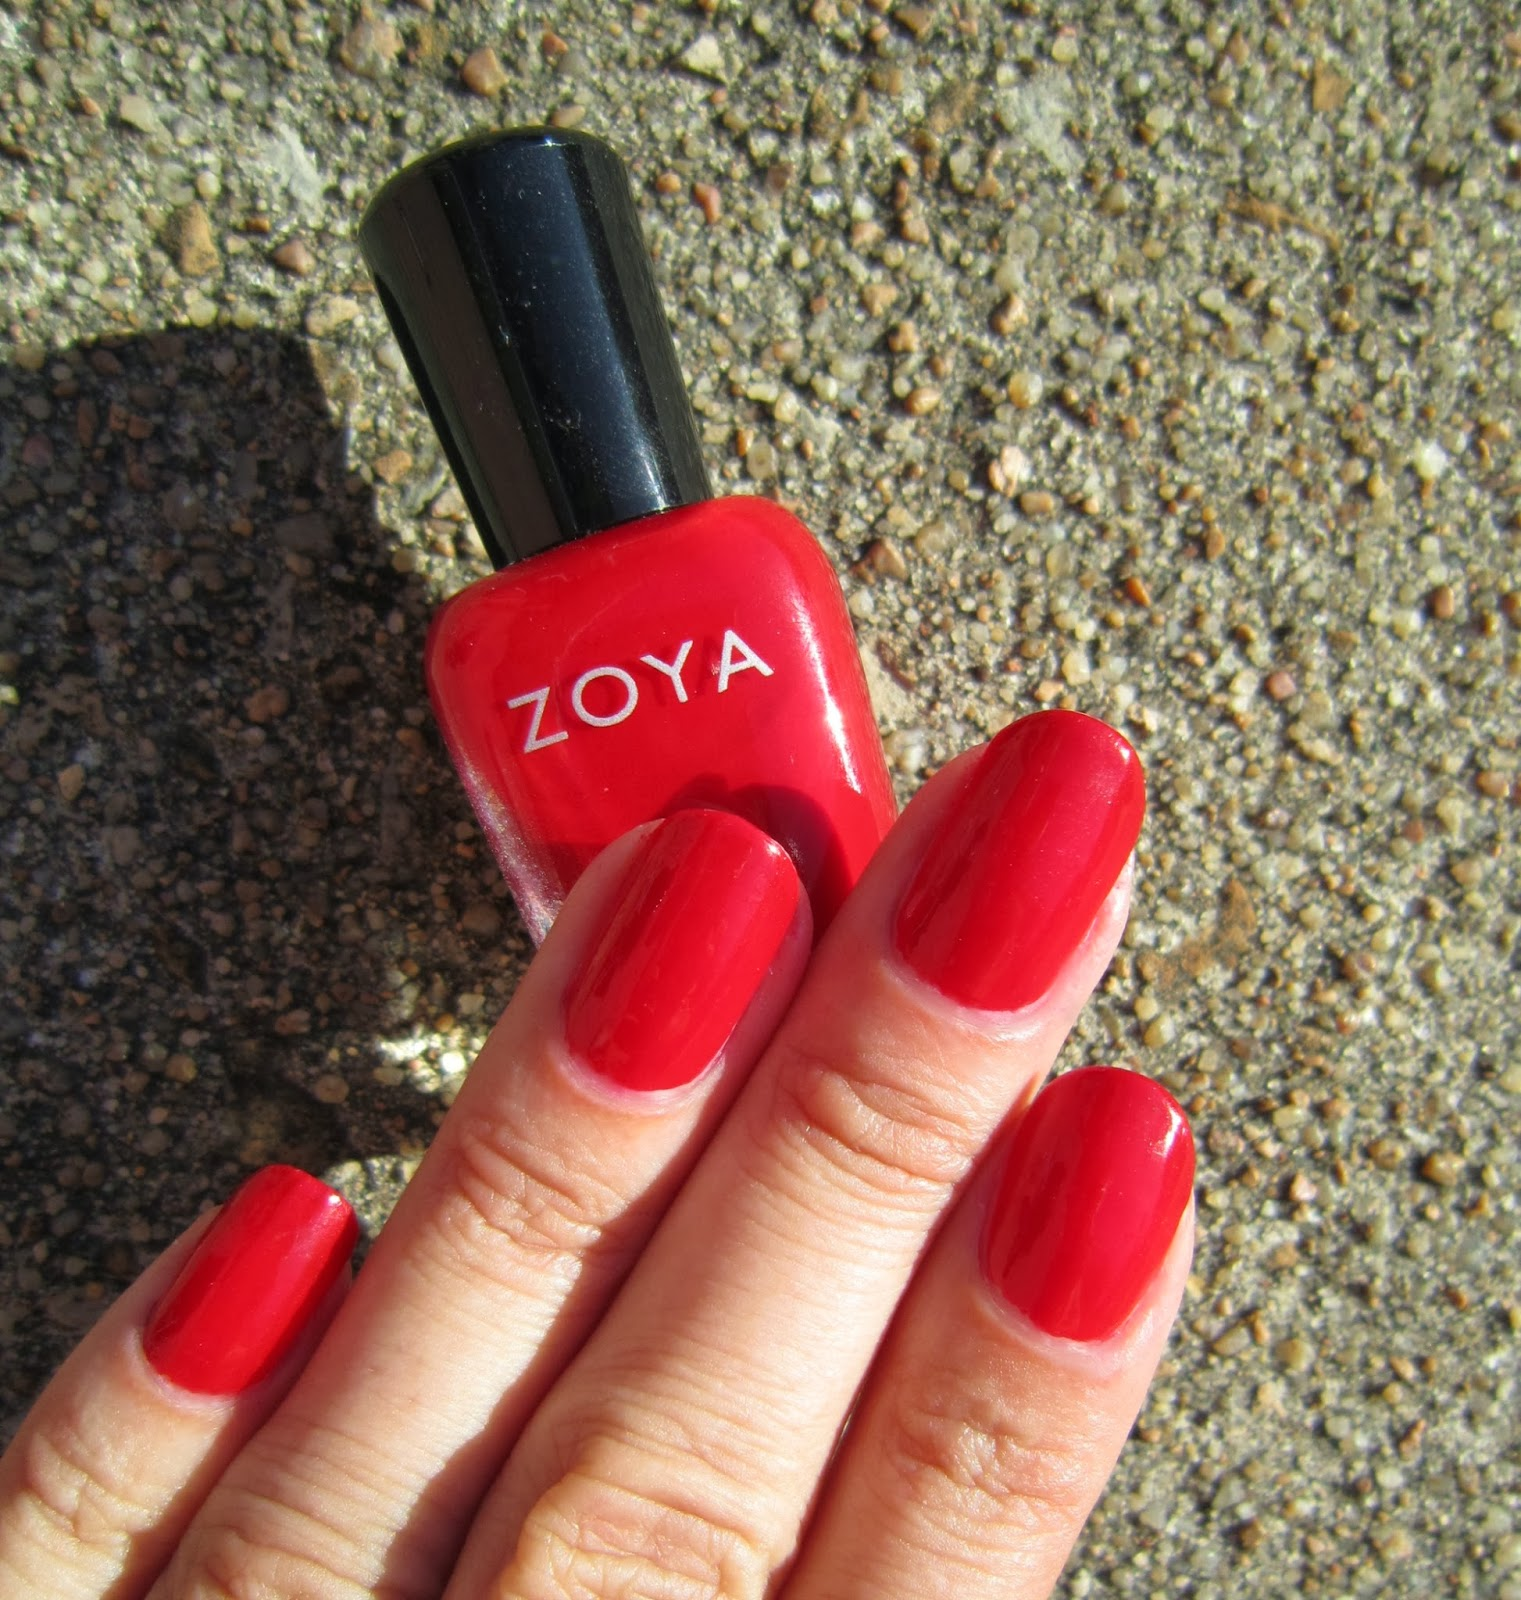 Zoya scarlet